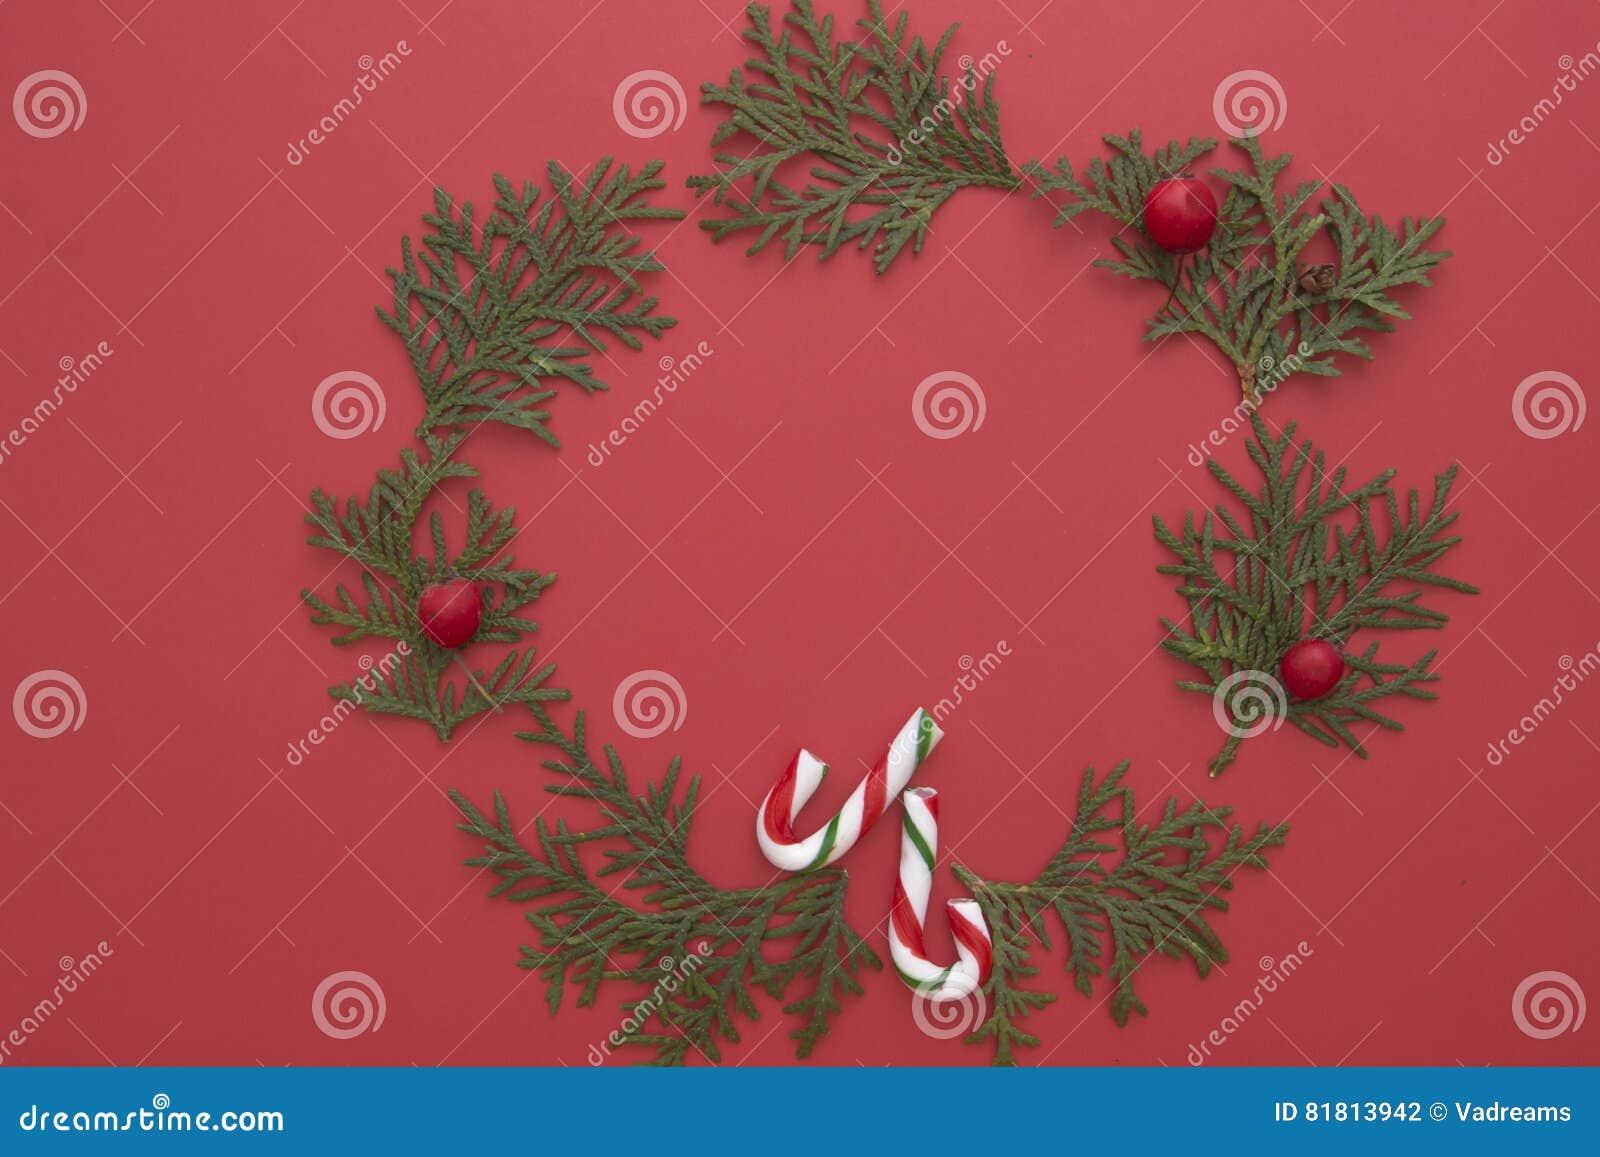 Σύνθεση Χριστουγέννων φιαγμένη από πράσινους κλαδίσκους thuja και καλάμους καραμελών στο κόκκινο υπόβαθρο Η τοπ άποψη, επίπεδη βά